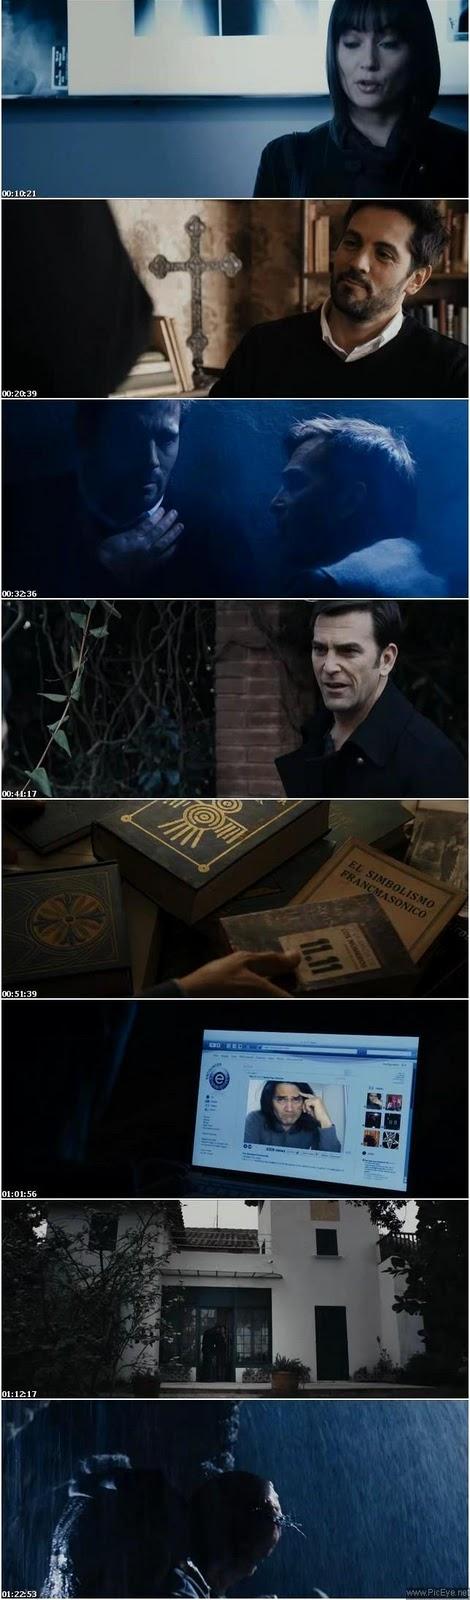 11 11 11+%25282011%2529+BluRay+screens1 অনির্বাচিত টিউনার এর পক্ষ থেকে একটি জটিল মুভি উপহার | 11/11/11